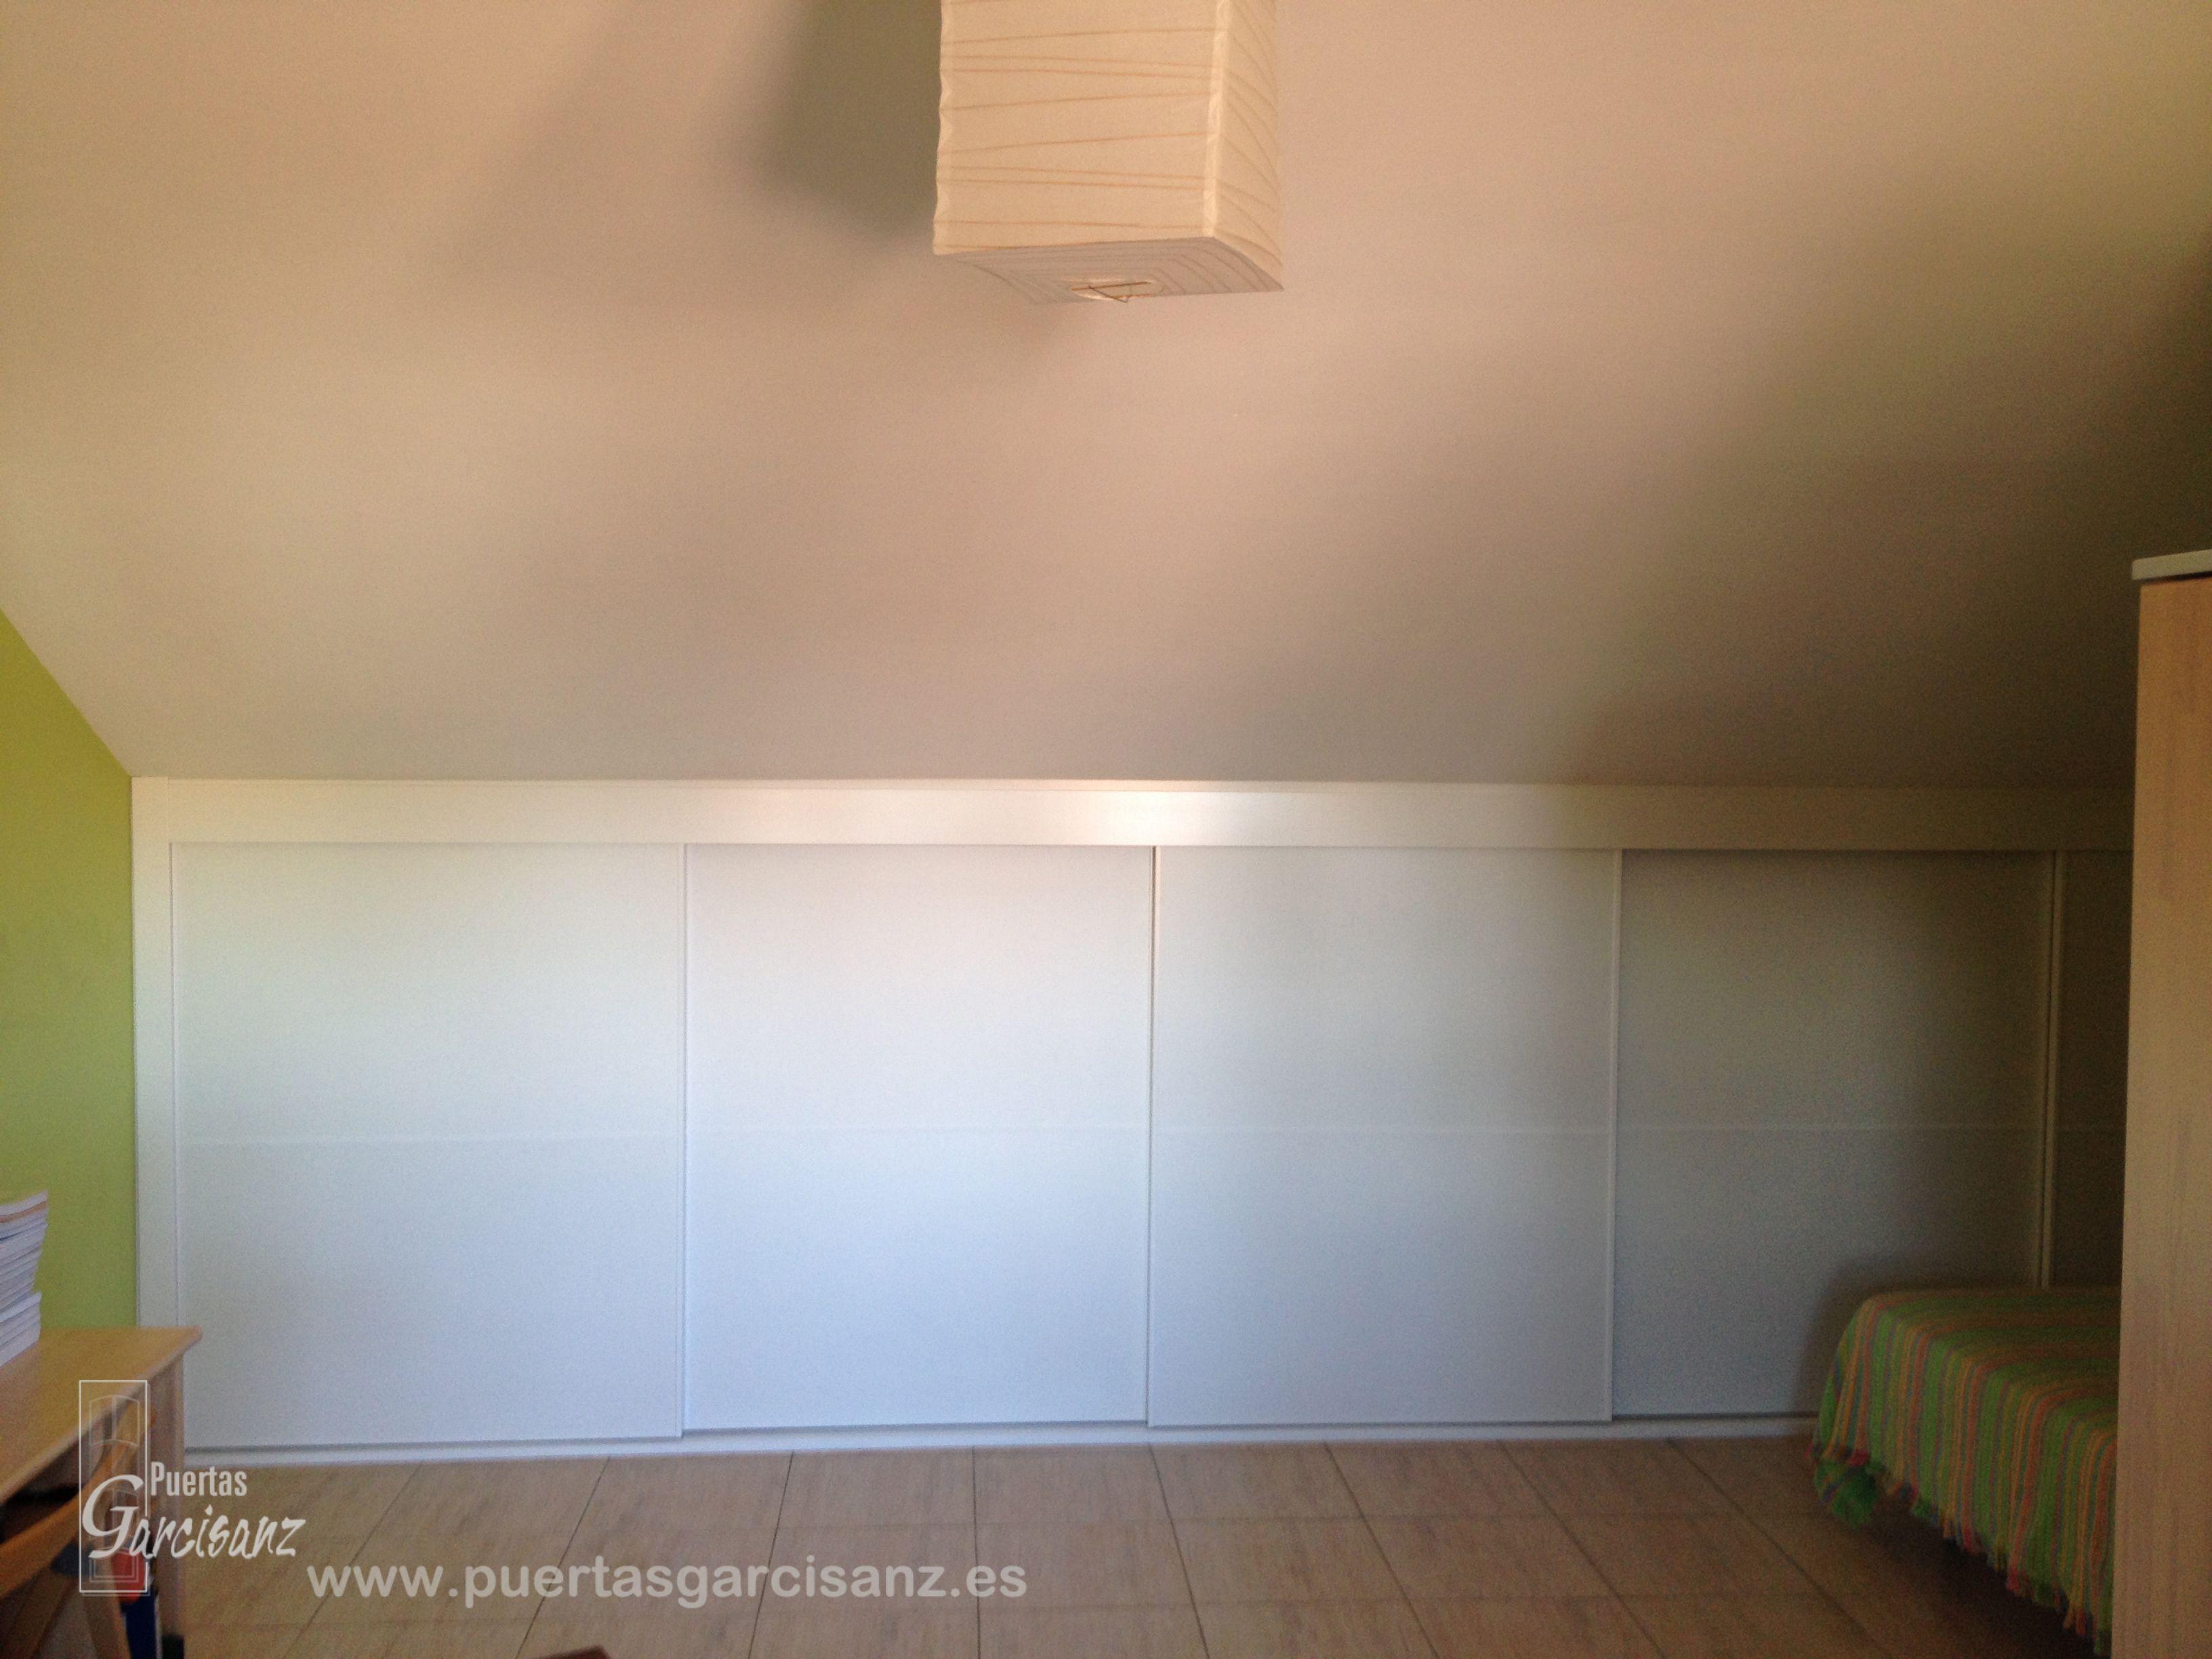 Instalaci N De Armario En Buhardilla En Acabado Blanco Con  # Muebles Buhardilla